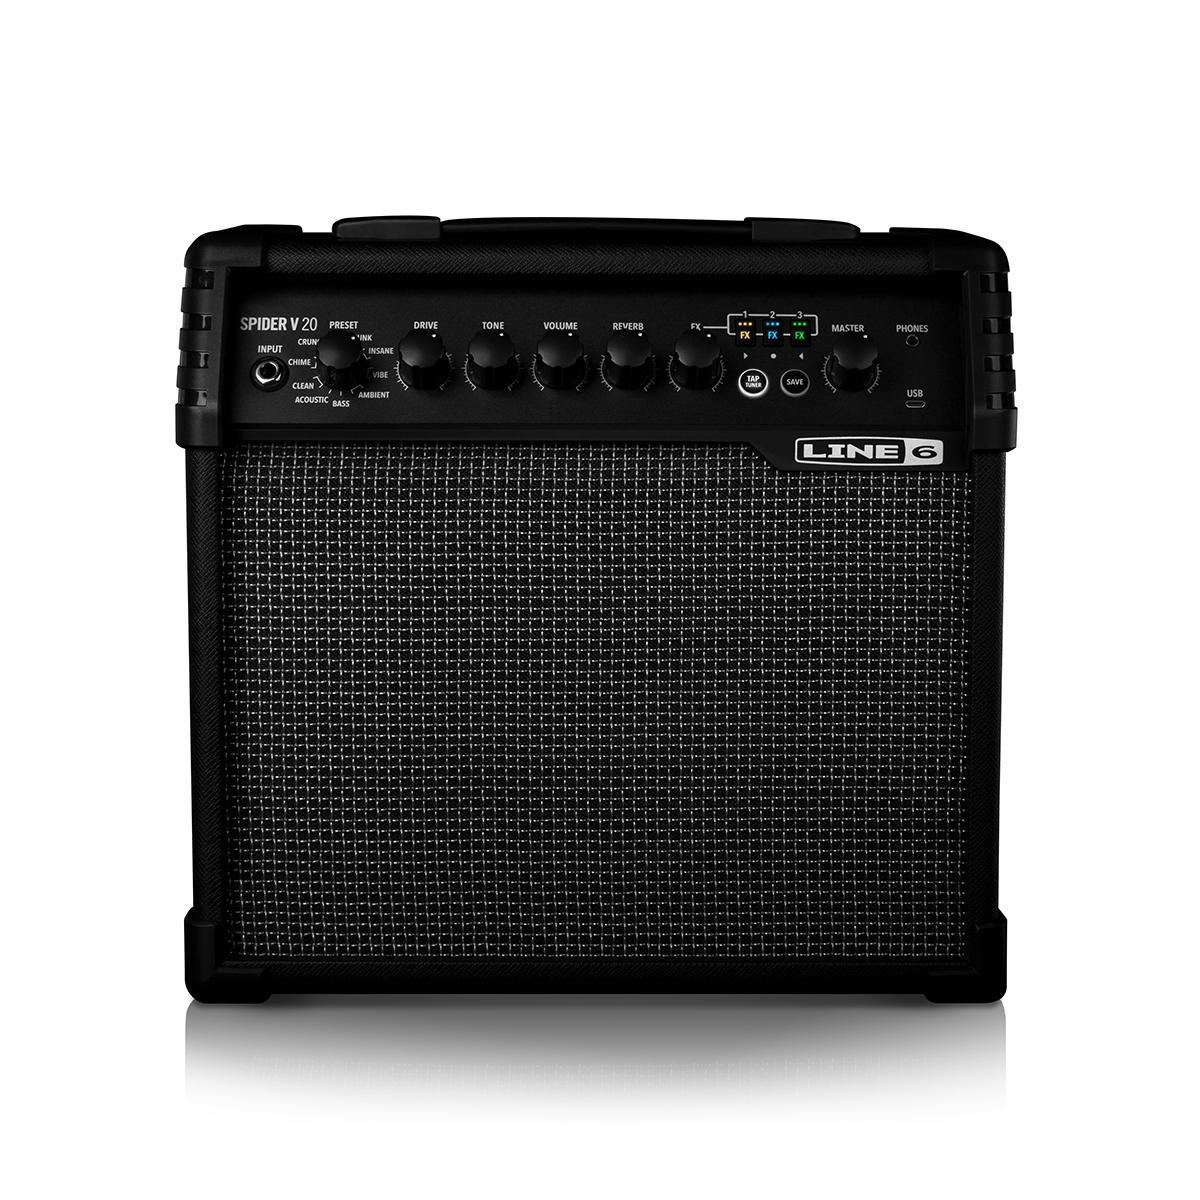 Line6 - Spider® V 20 - Ampli combo guitare